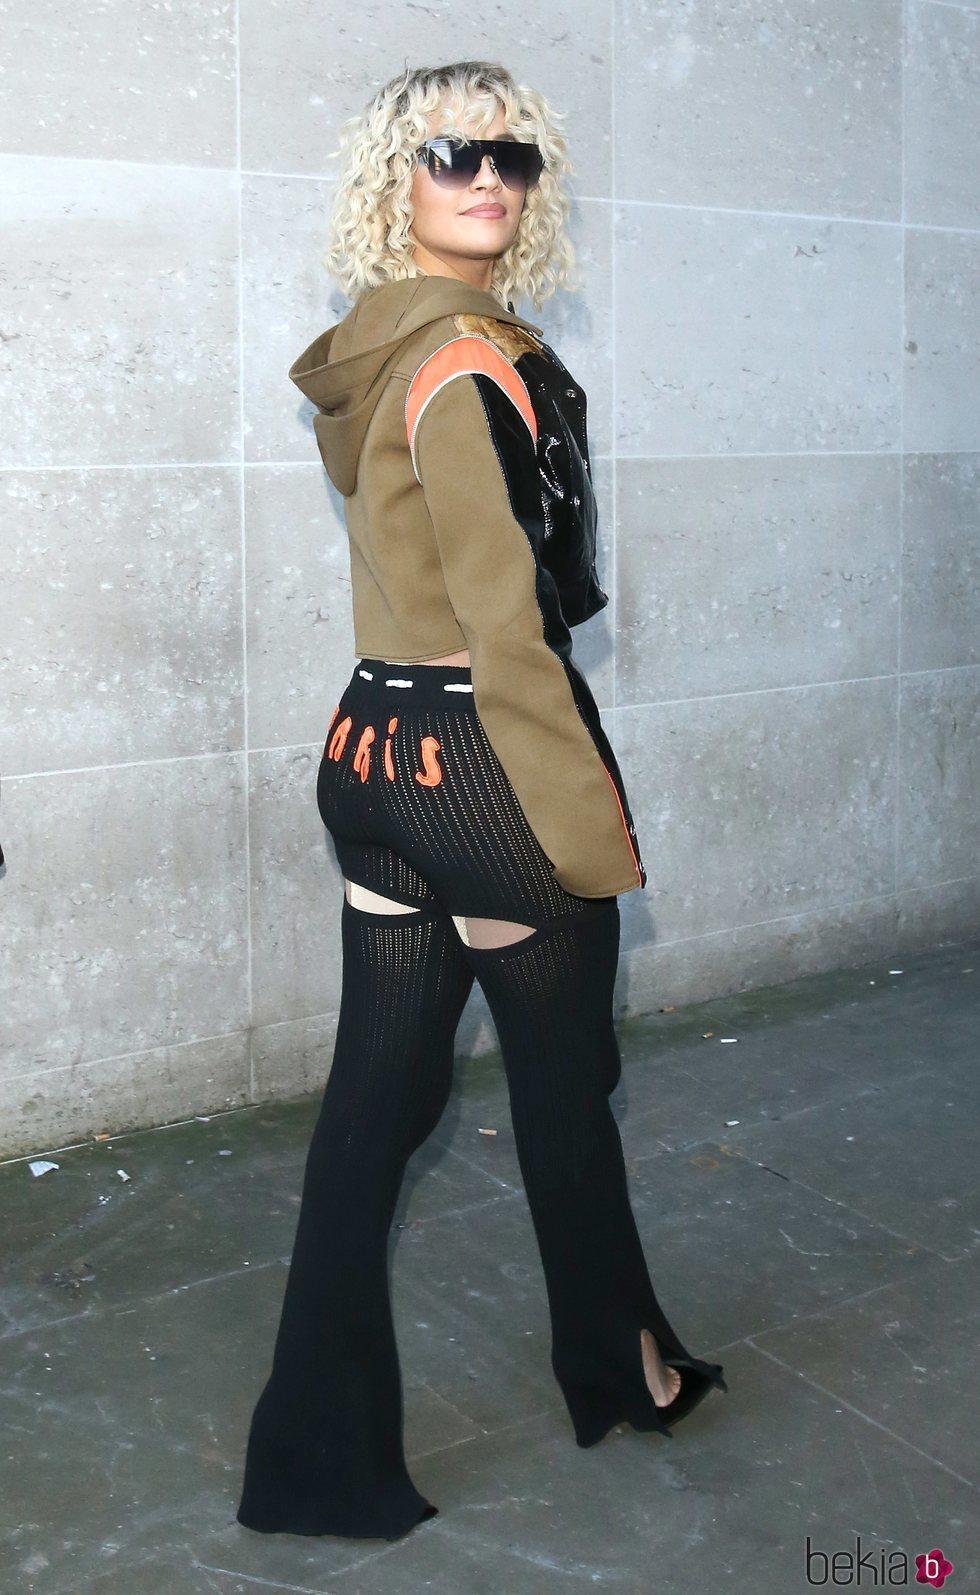 Rita Ora con un look street wear complicado acudiendo a los estudios de la BBC